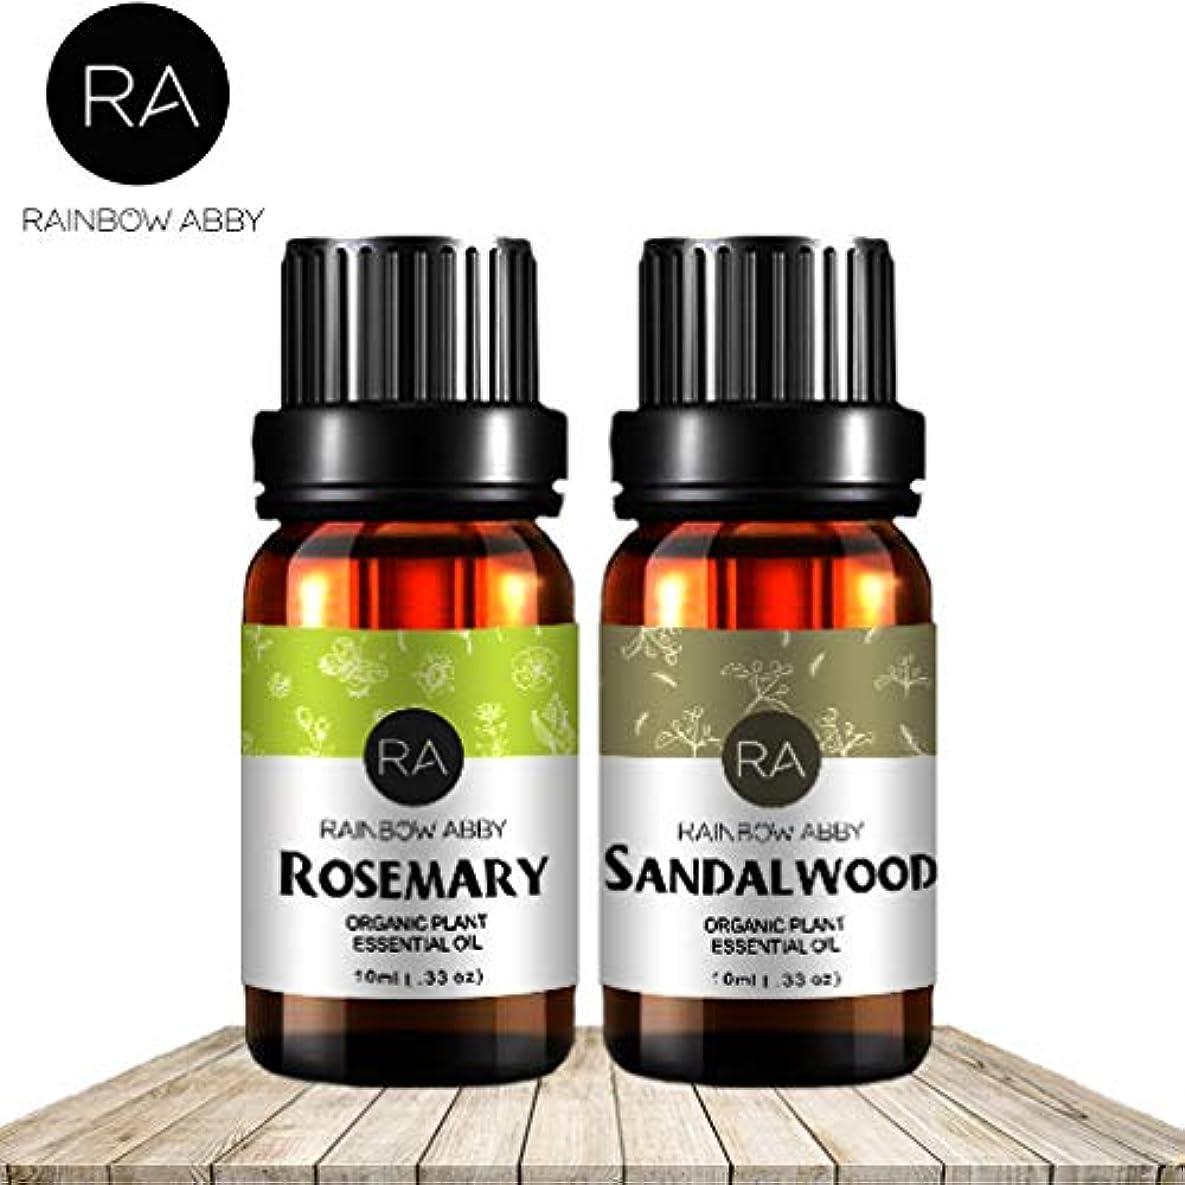 一時解雇する習熟度匿名RAINBOW ABBY サンダルウッド ローズマリー エッセンシャル オイル セット アロマ 100% 純粋 セラピー 等級油 2/10ml- 2パック